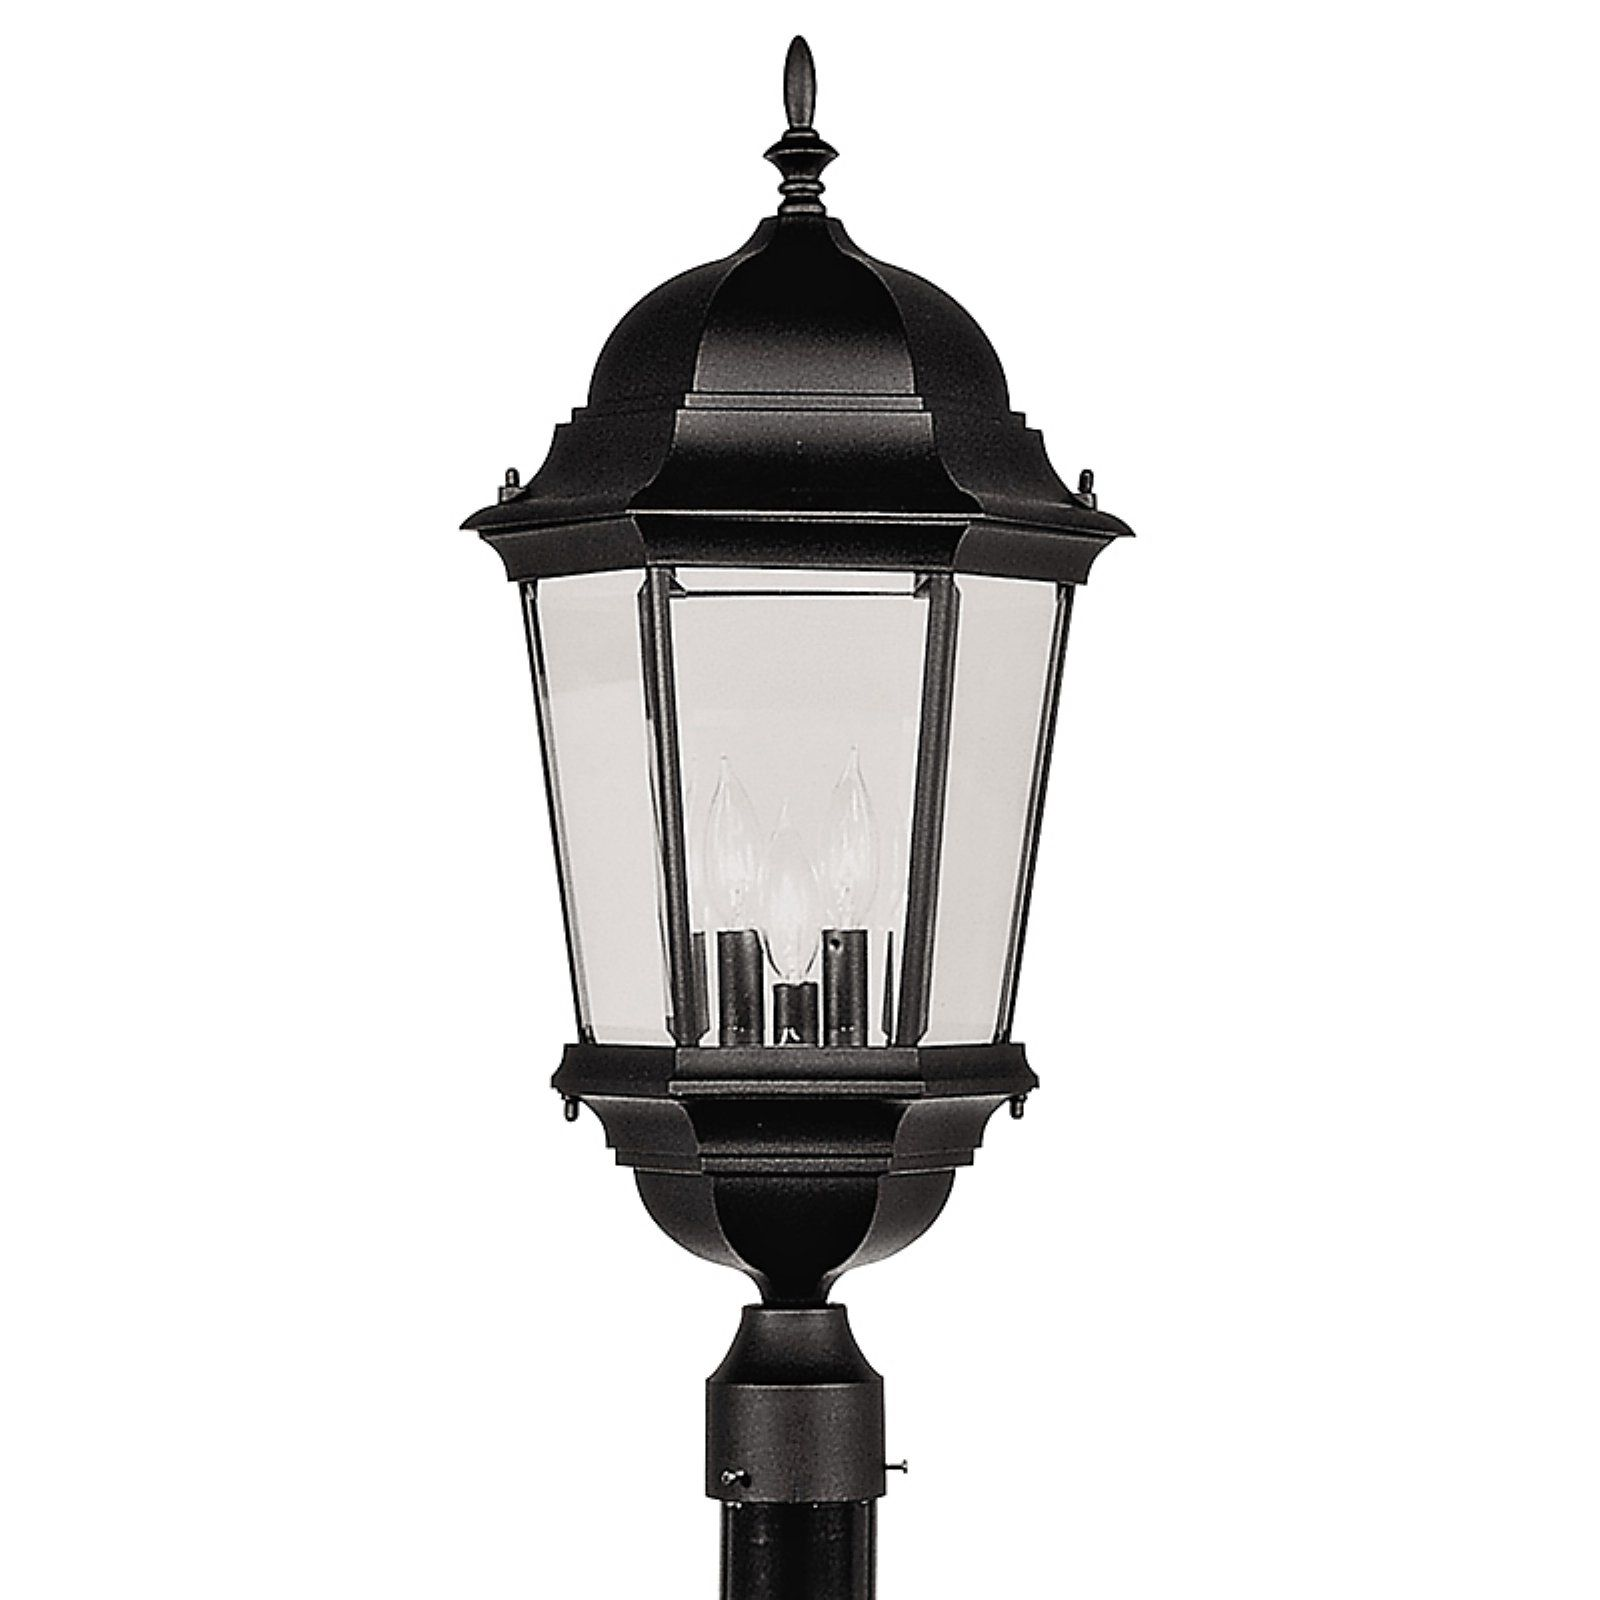 Livex Millbrook 7568 04 Outdoor Post Lantern Outdoor Post Lights Lantern Post Post Lights